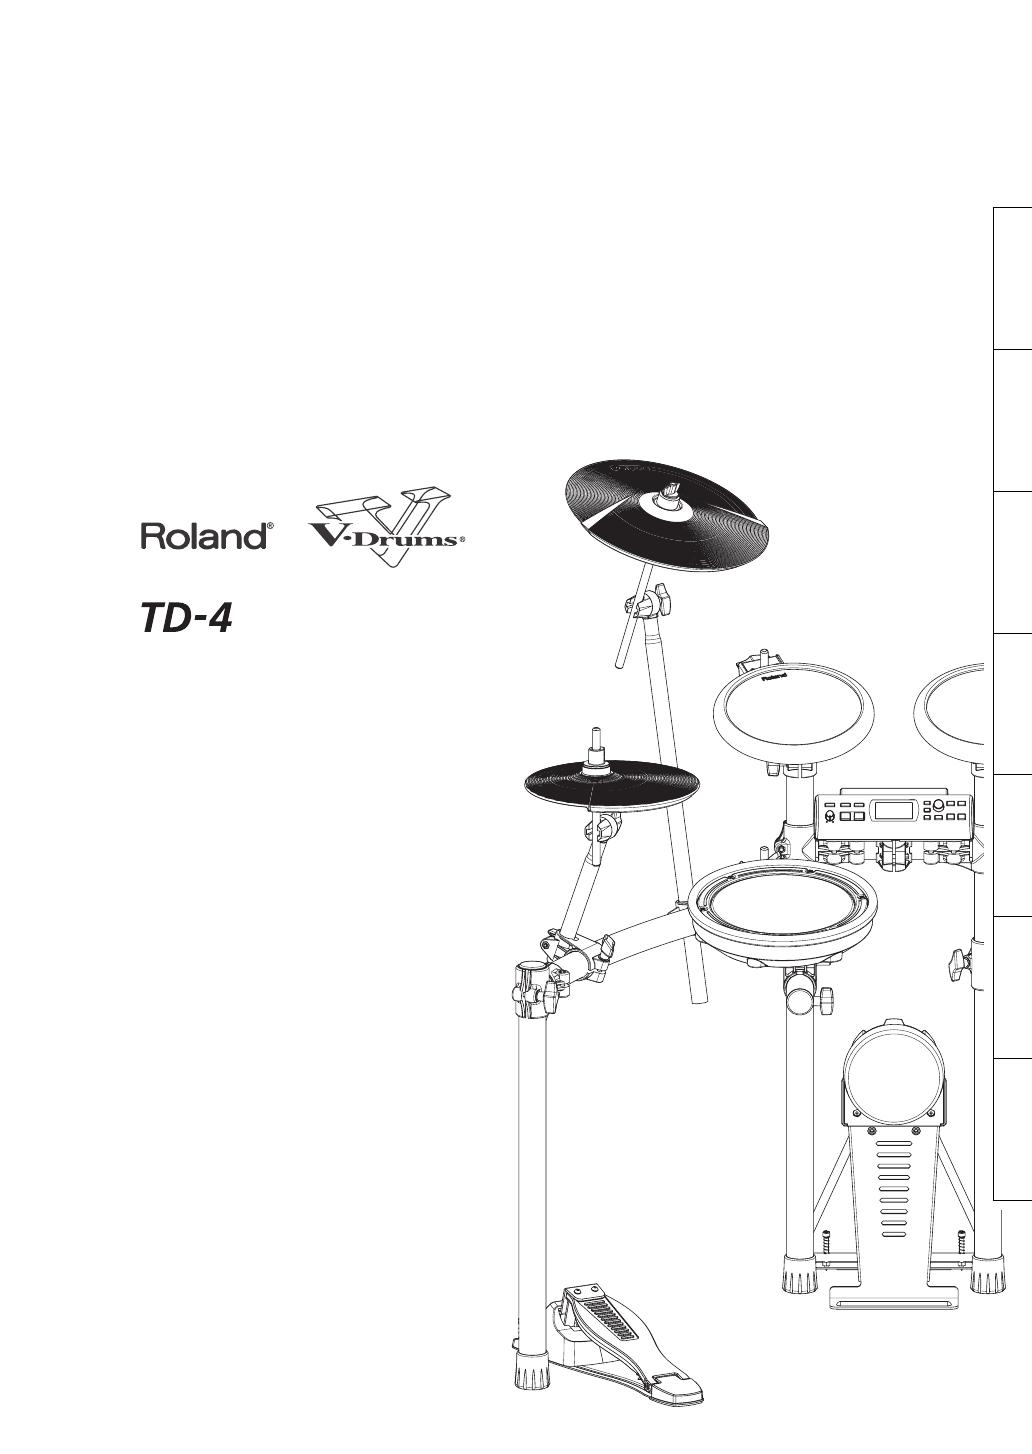 roland drums td 4 user guide manualsonline com rh music manualsonline com roland td-4k specs roland td-4k specs